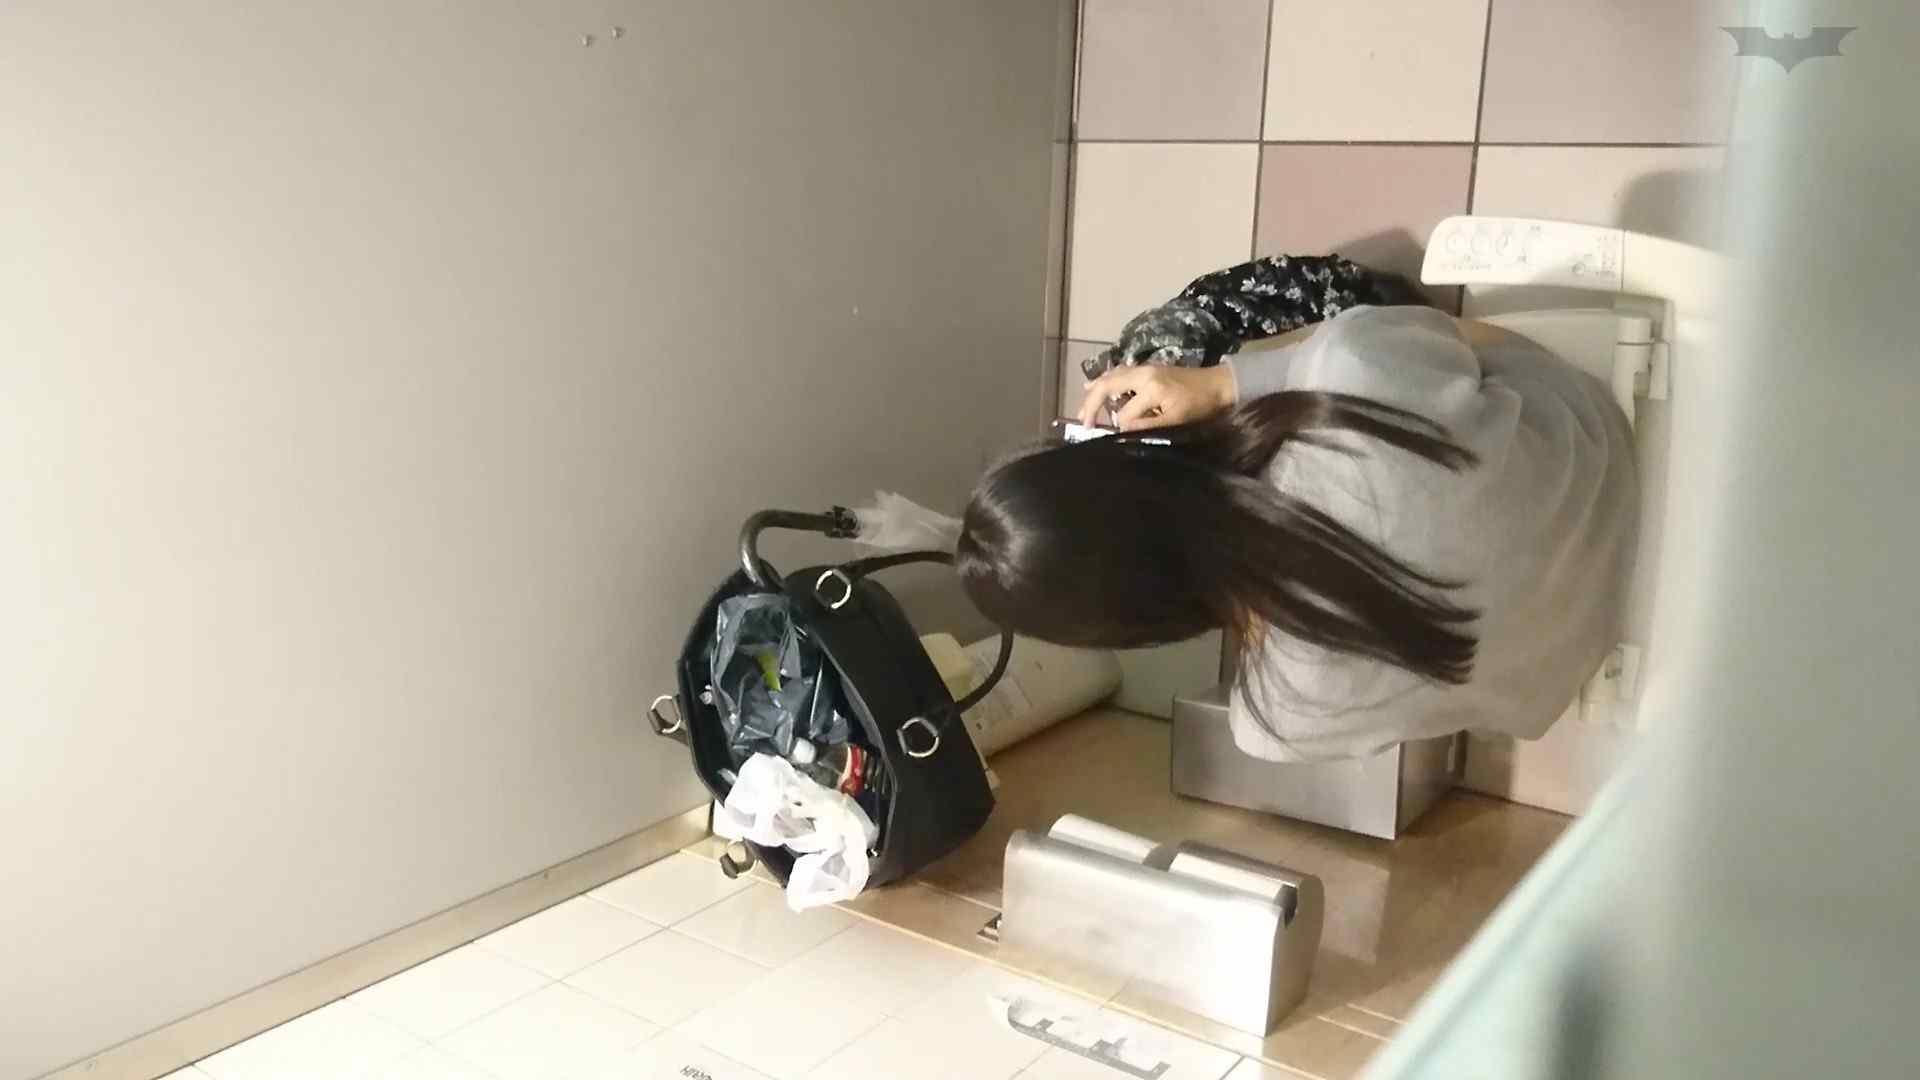 化粧室絵巻 ショッピングモール編 VOL.21 洗面所シーン | ギャルズ  65画像 8